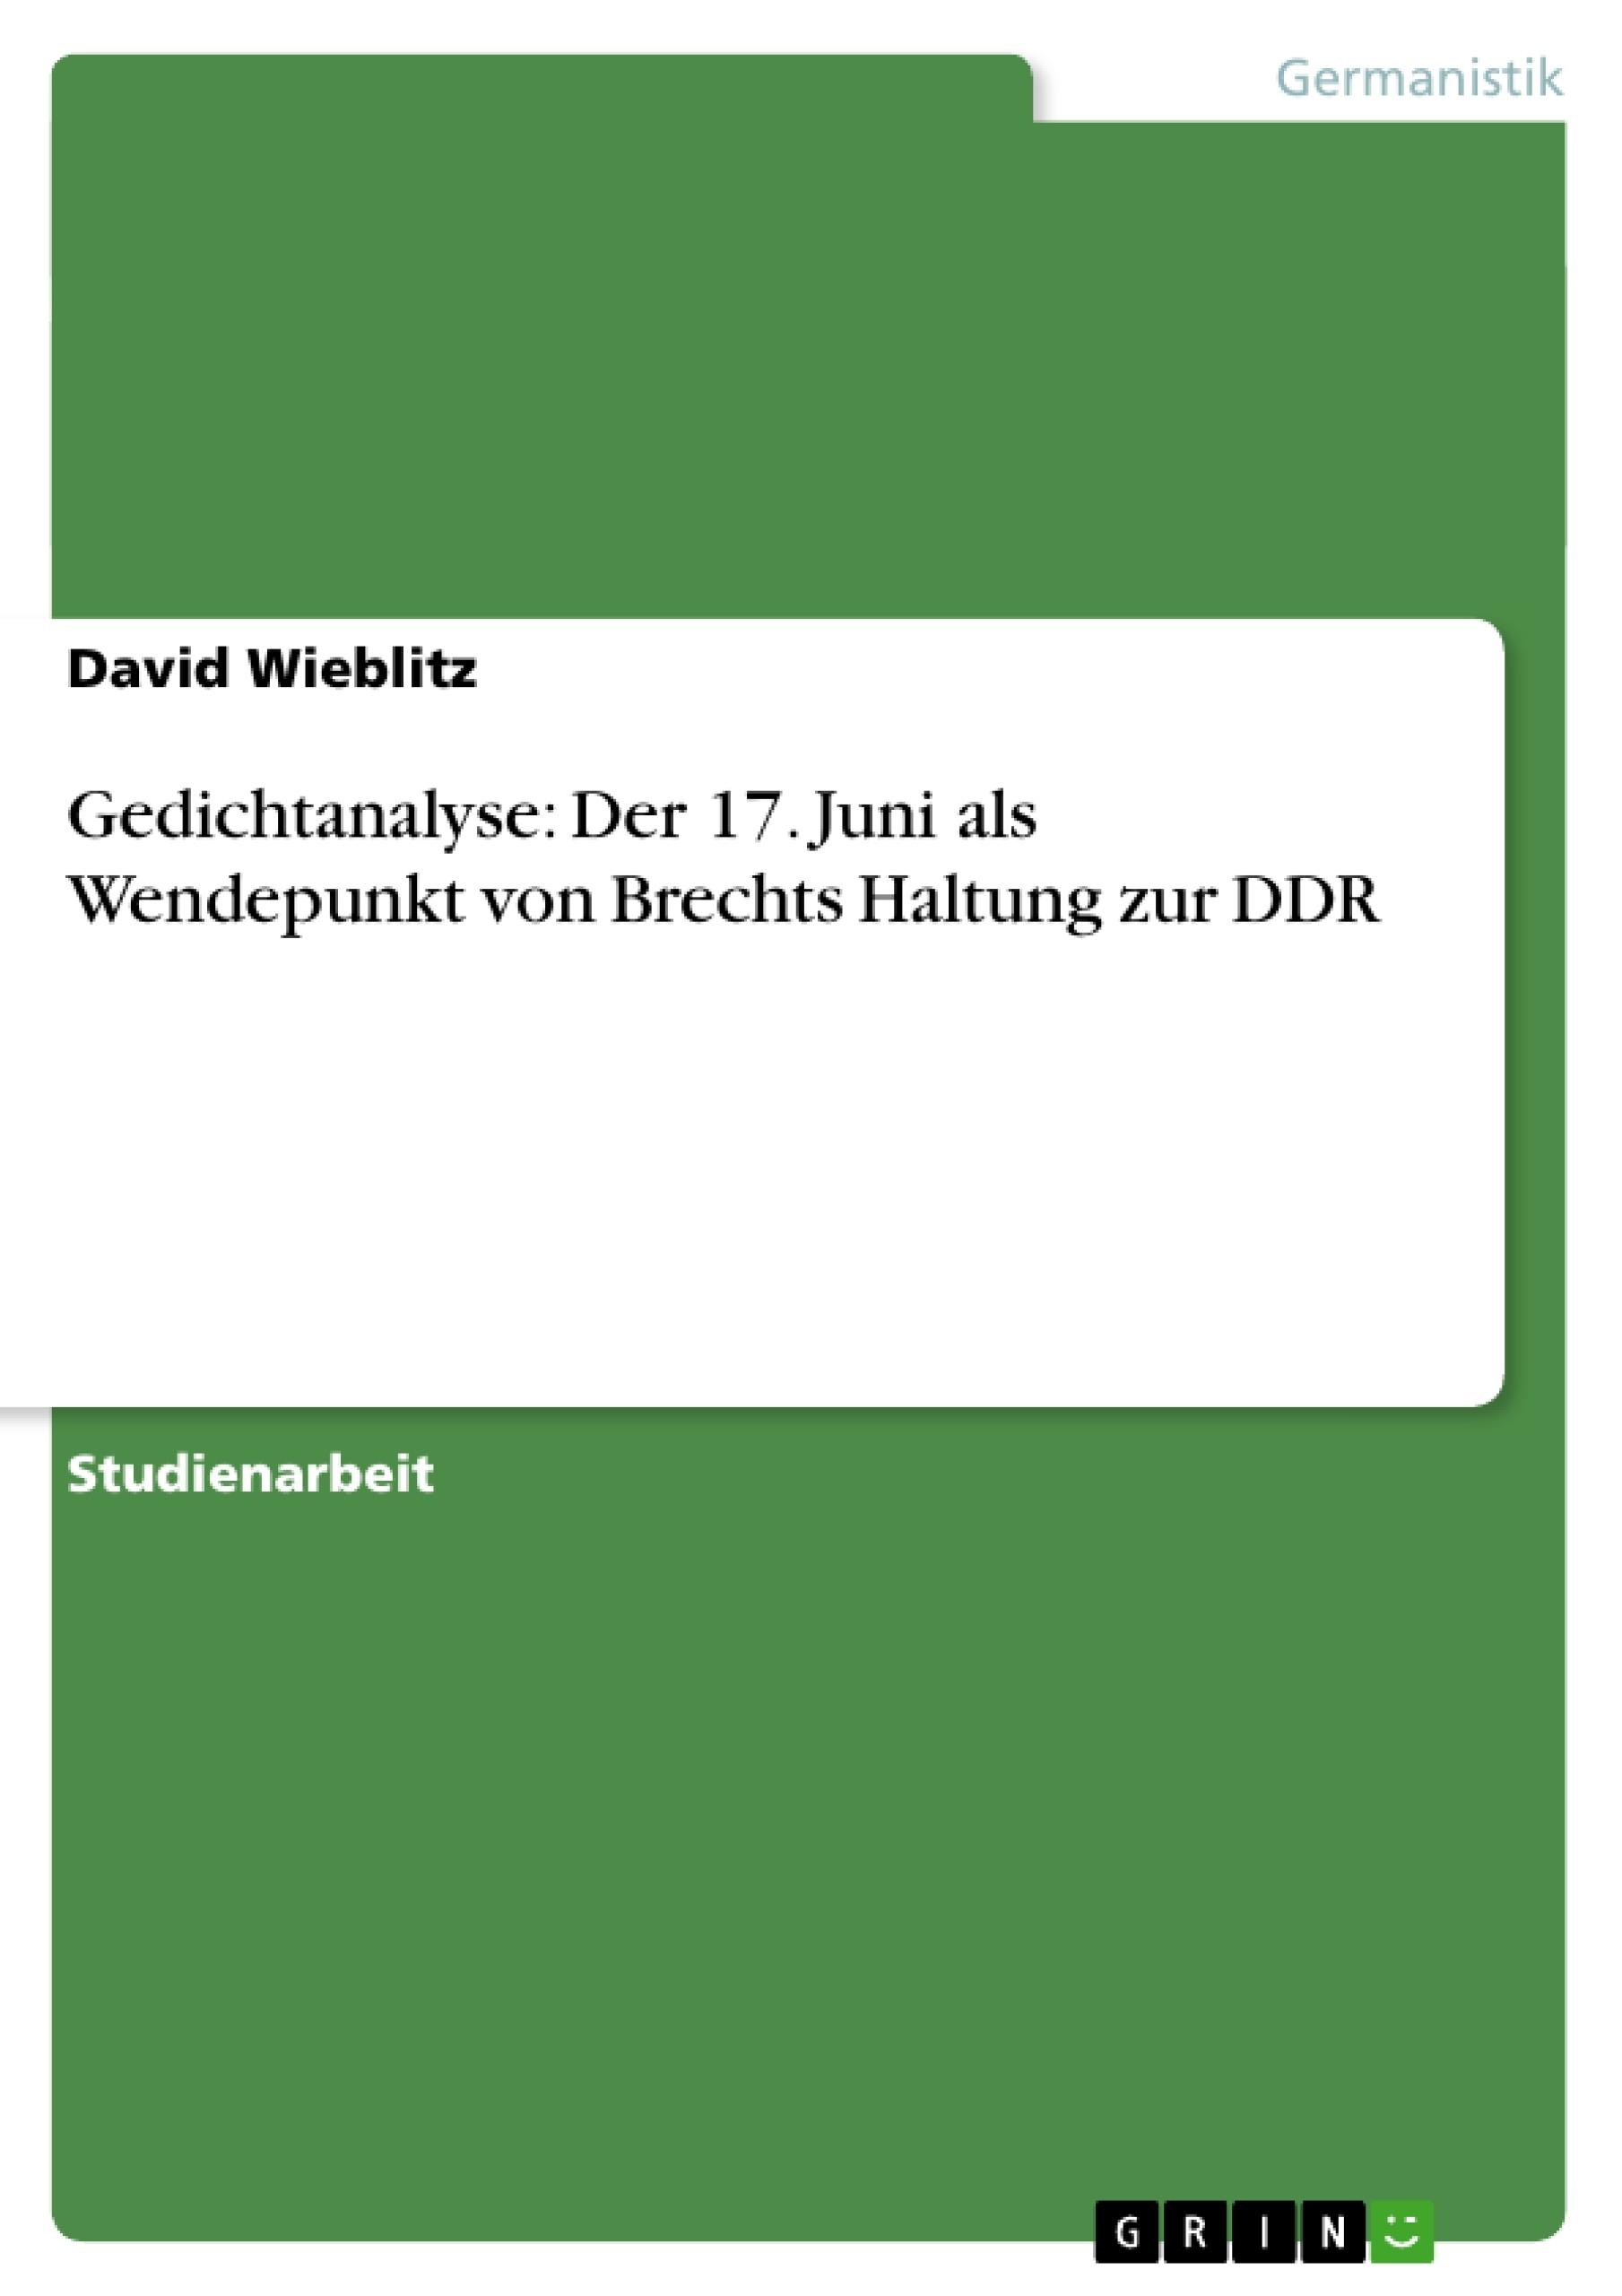 Titel: Gedichtanalyse: Der 17. Juni als Wendepunkt von Brechts Haltung zur DDR